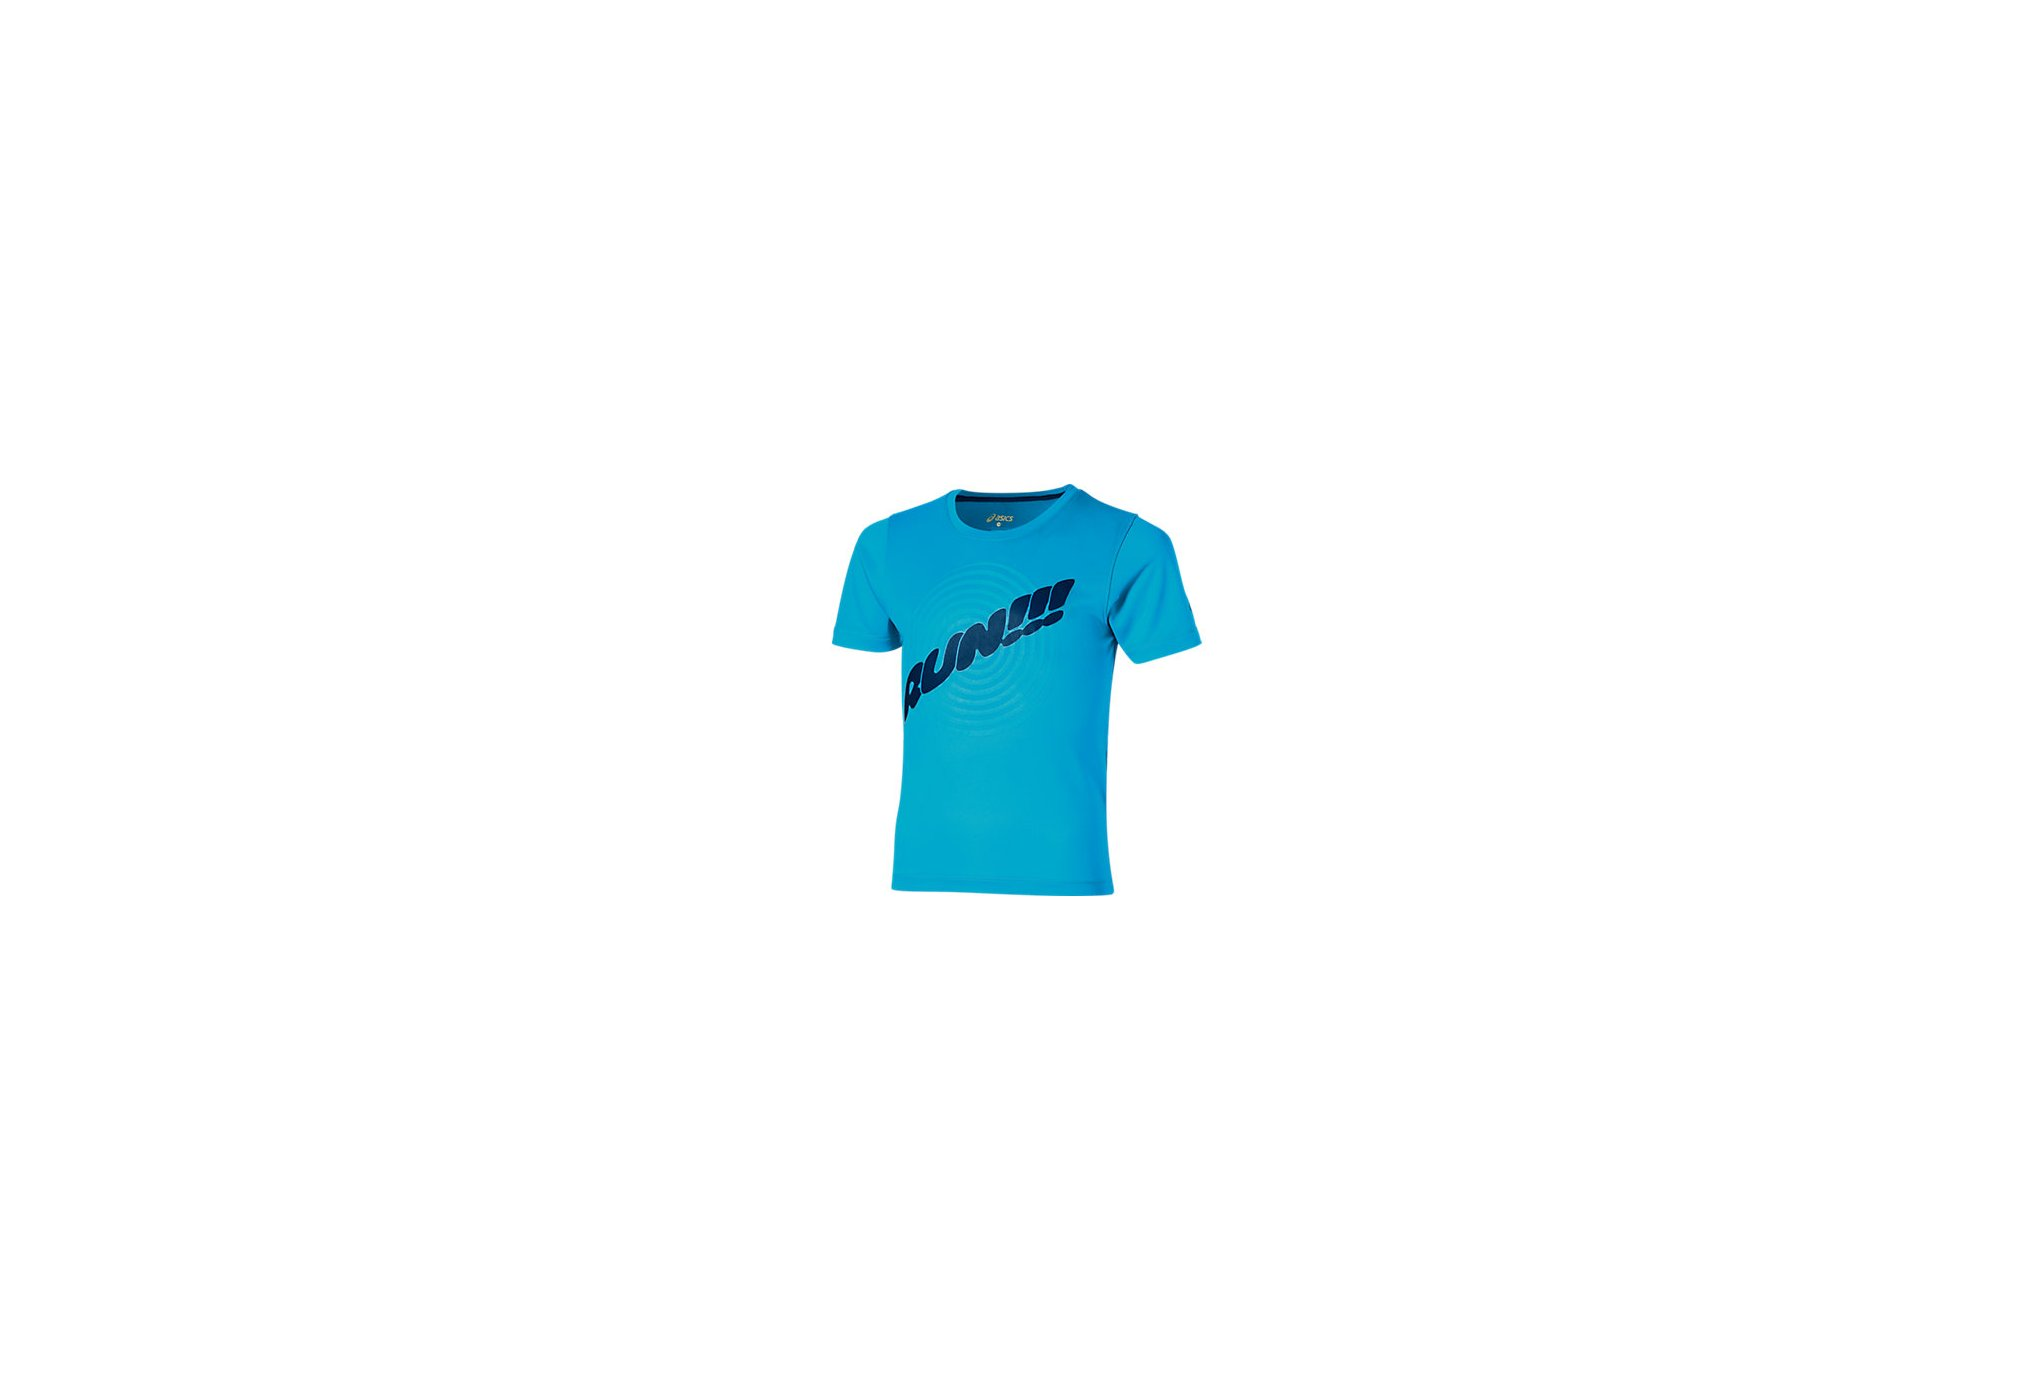 Asics Tee-shirt Graphic Junior Diététique Vêtements homme